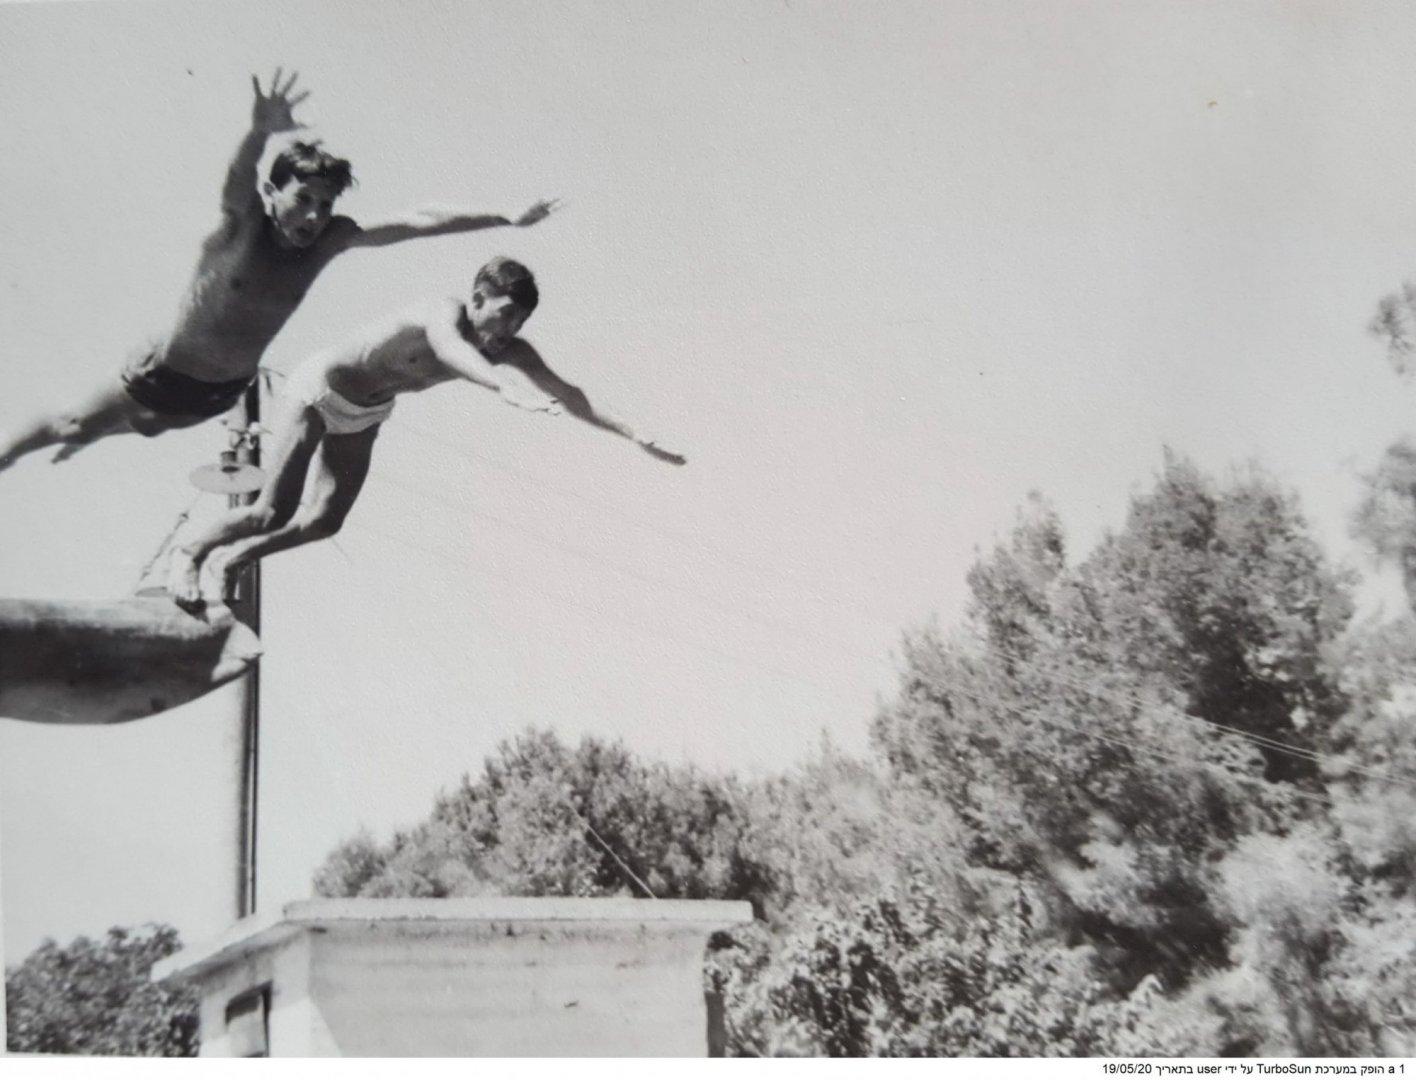 1 בבריכה בנהלל 1963 אהרון דיין ושאול אלקנה jpg